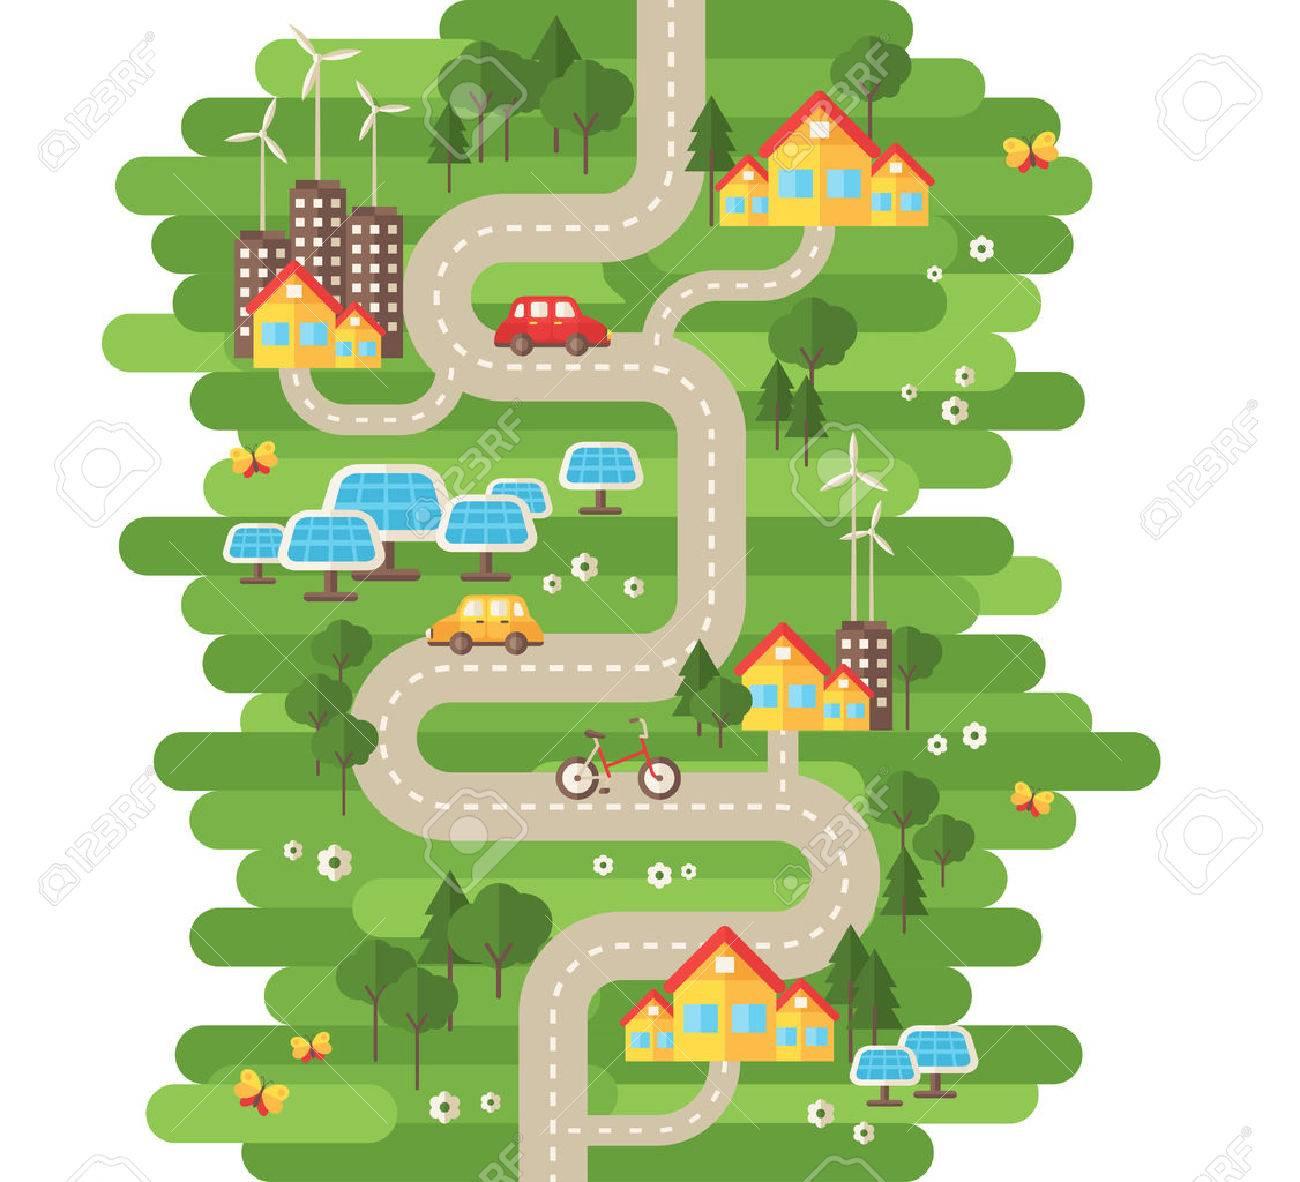 Flat Design Vector Illustration Concept Of Ecology Landscape